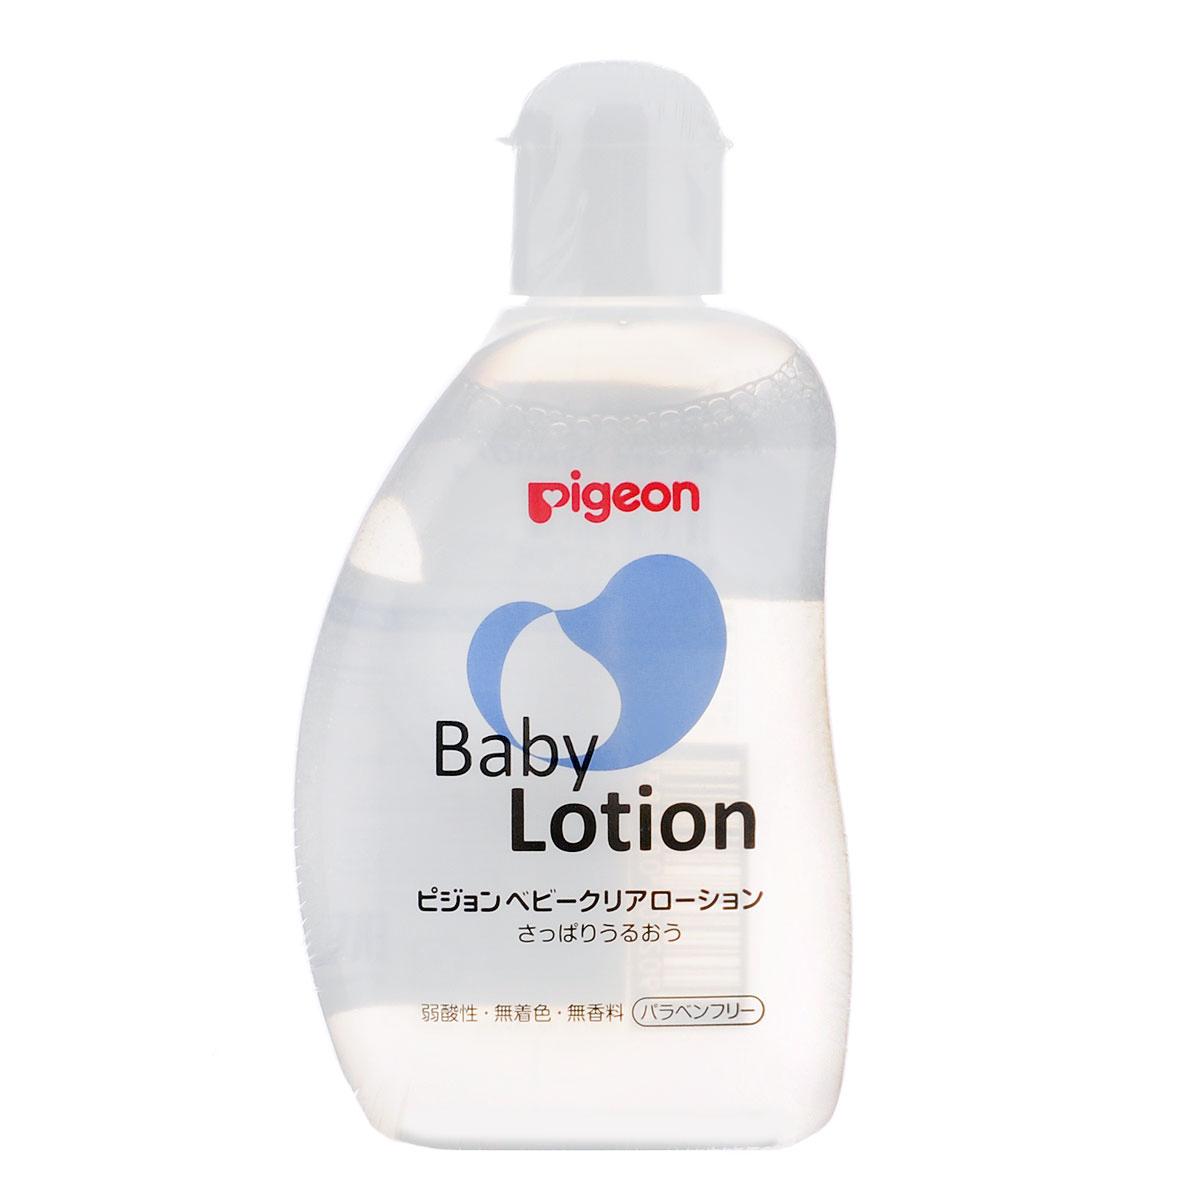 PIGEON Лосьон увлажняющий детский 120мл08260/08368Лосьон Pigeon подходит для ежедневного ухода за малышом с рождения. Основные преимущества: Содержит увлажняющие компоненты: керамиды, удерживающие влагу в коже, аминокислоты, гиалуроновую кислоту для эластичности кожи.Не содержит красителей и фосфора.Не раздражает кожу рук.Уровень кислотности (рН 5,6) такой же, как на коже щеки младенца.Товар сертифицирован.